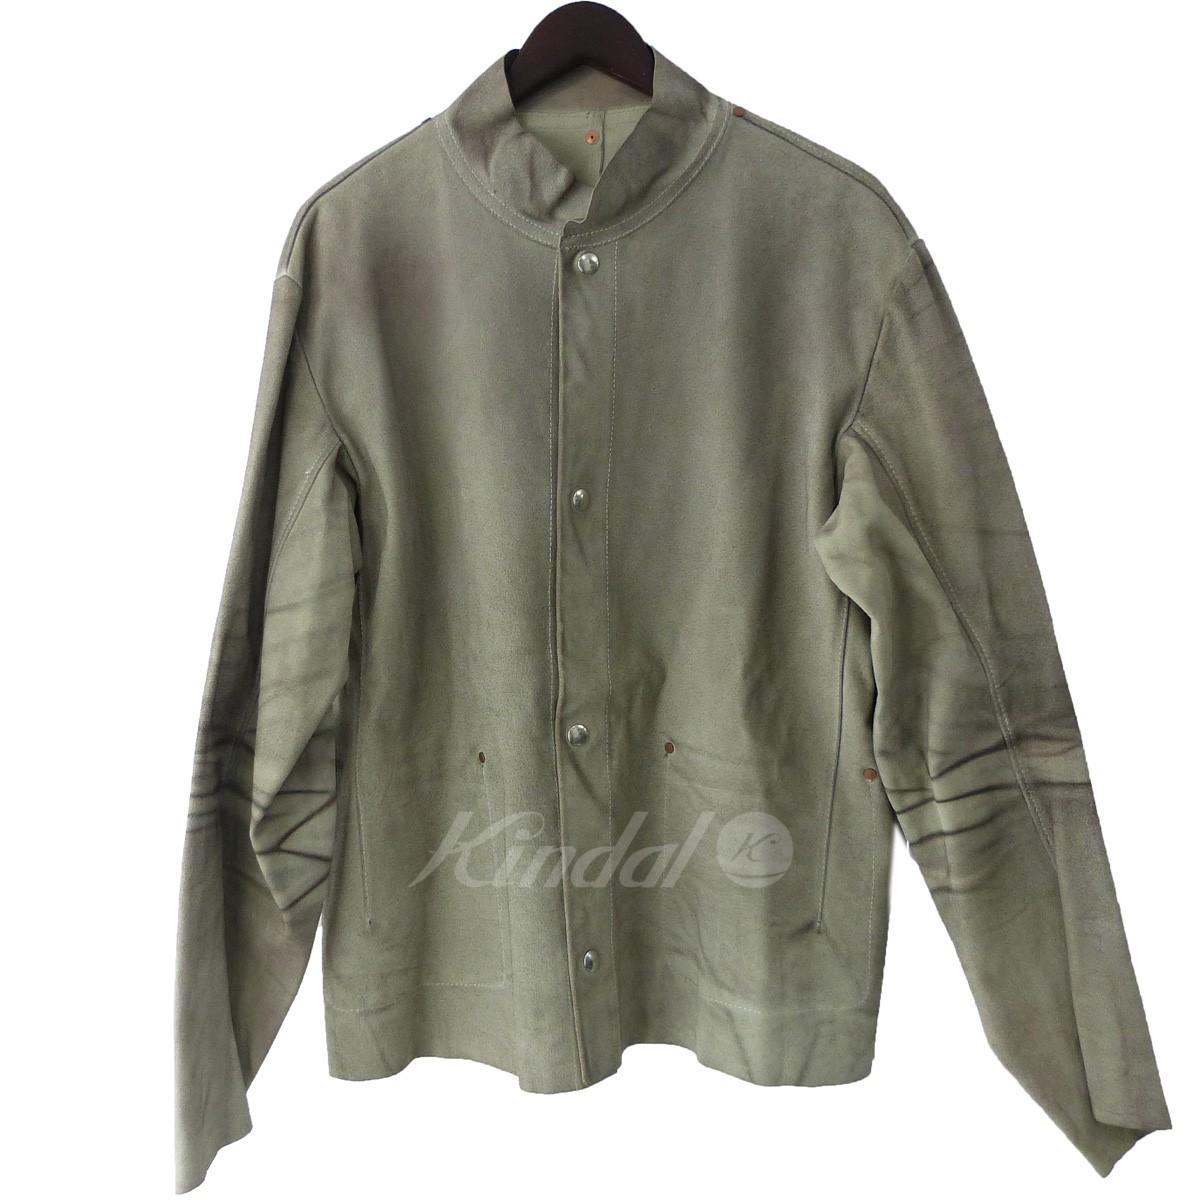 【中古】Martin Margiela 10 03SS スウェードレザージャケット グレー サイズ:50 【送料無料】 【160319】(マルタンマルジェラ10)